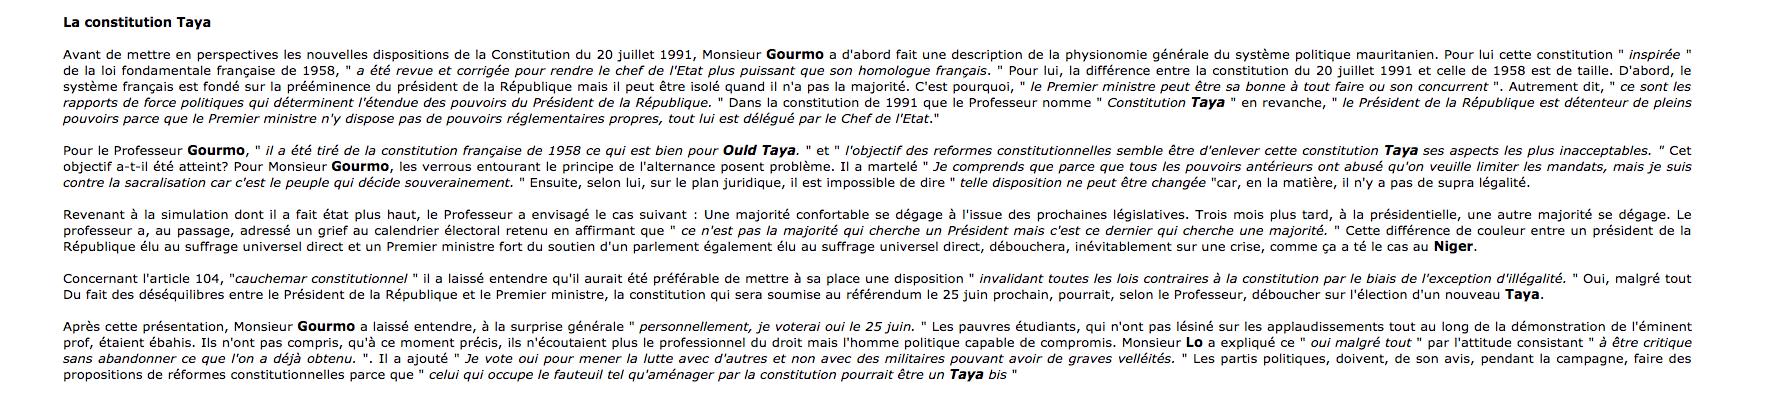 Tenez-vous bien : voilà ce que pensait Lo Gourmo en 2006 du verrou constitutionnel…